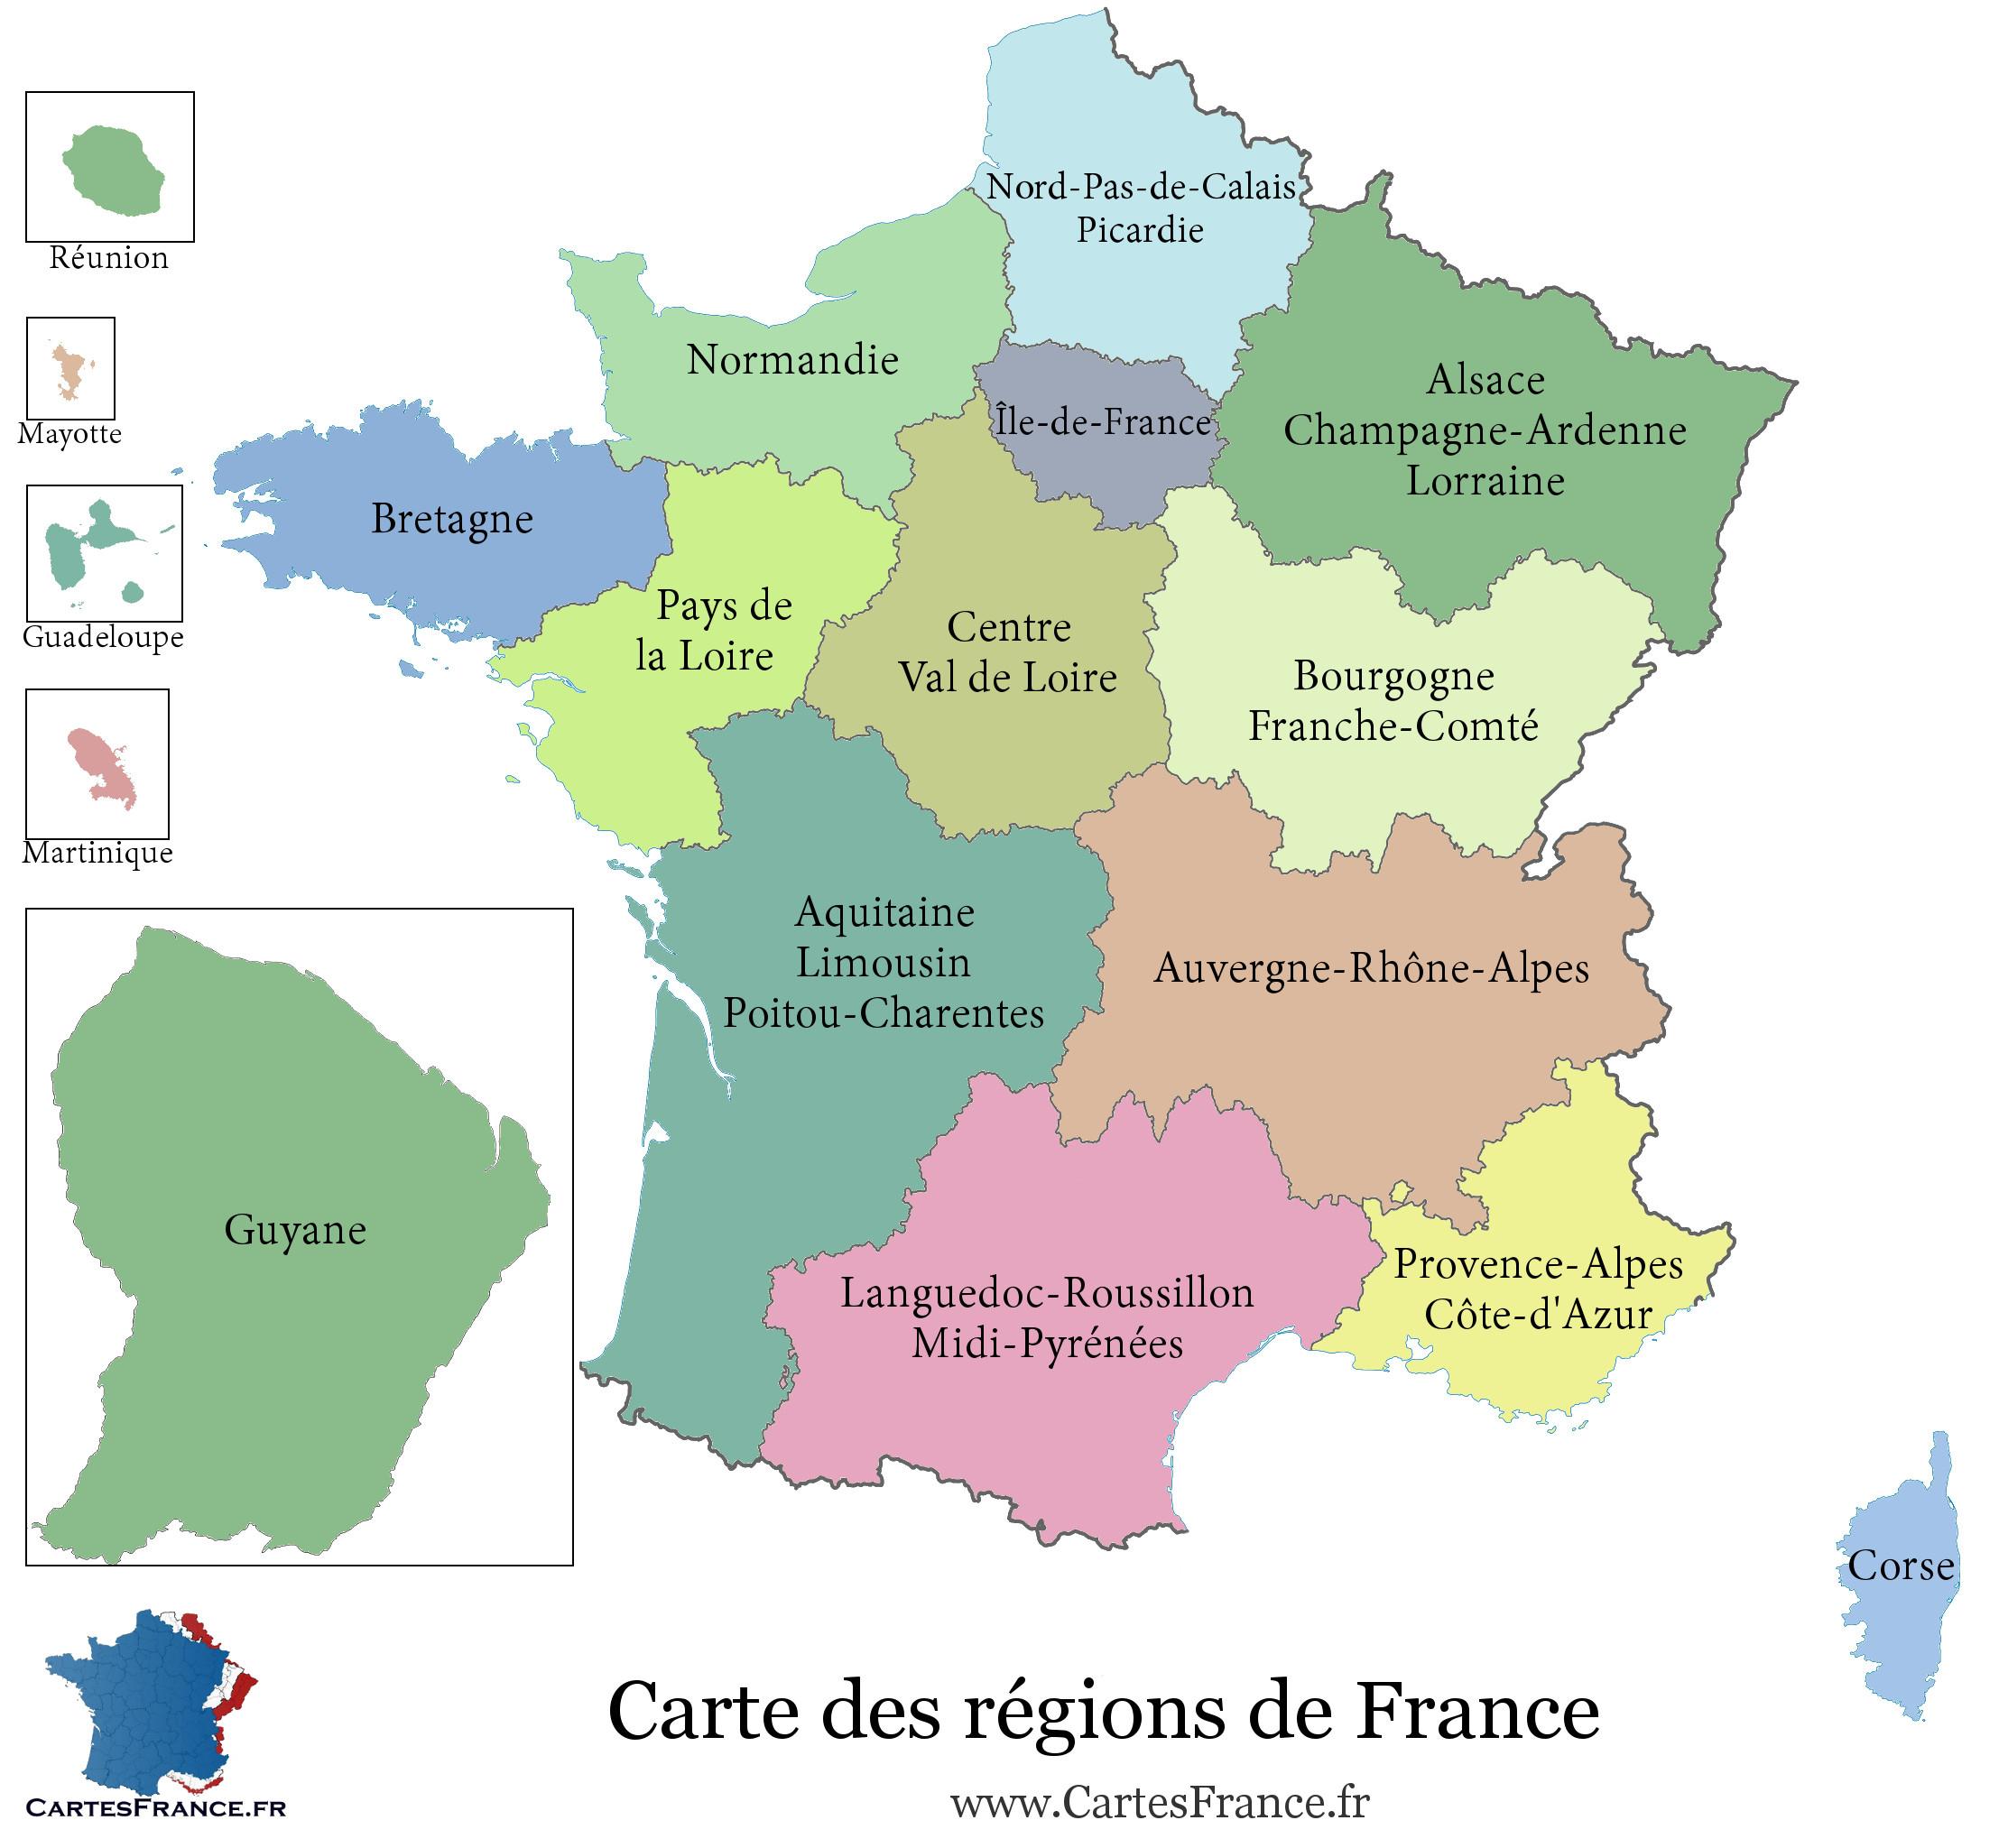 Carte De France Region - Carte Des Régions Françaises intérieur 13 Régions Françaises